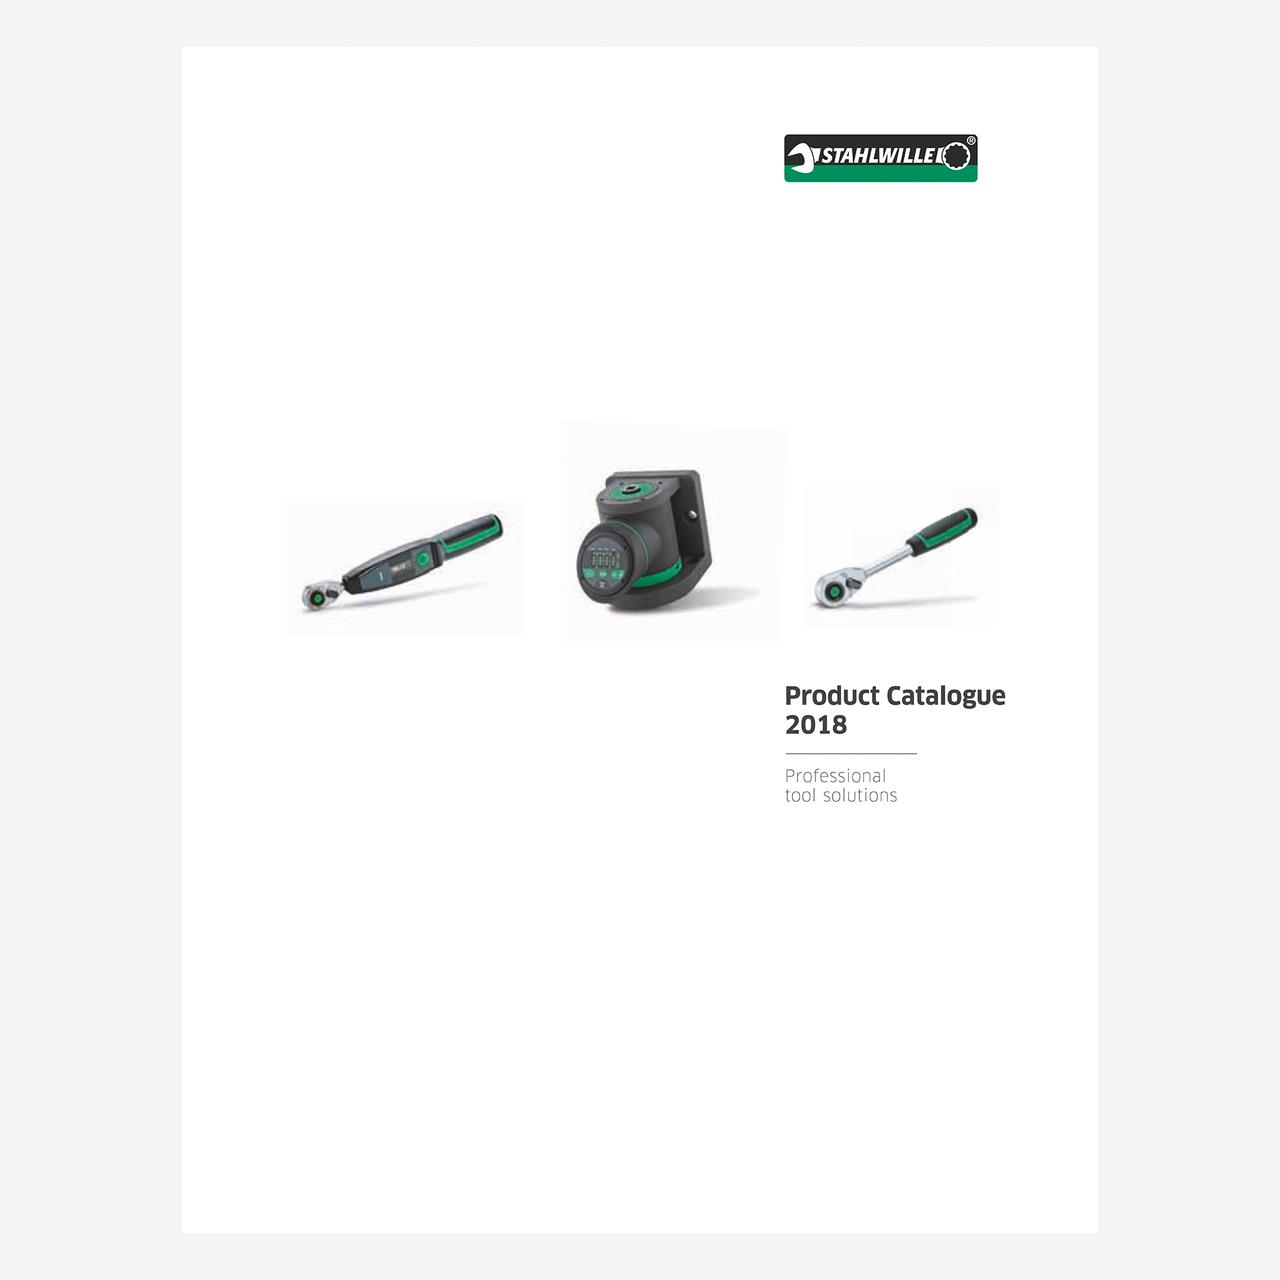 Stahlwille Catalog 2018 - KC Tool